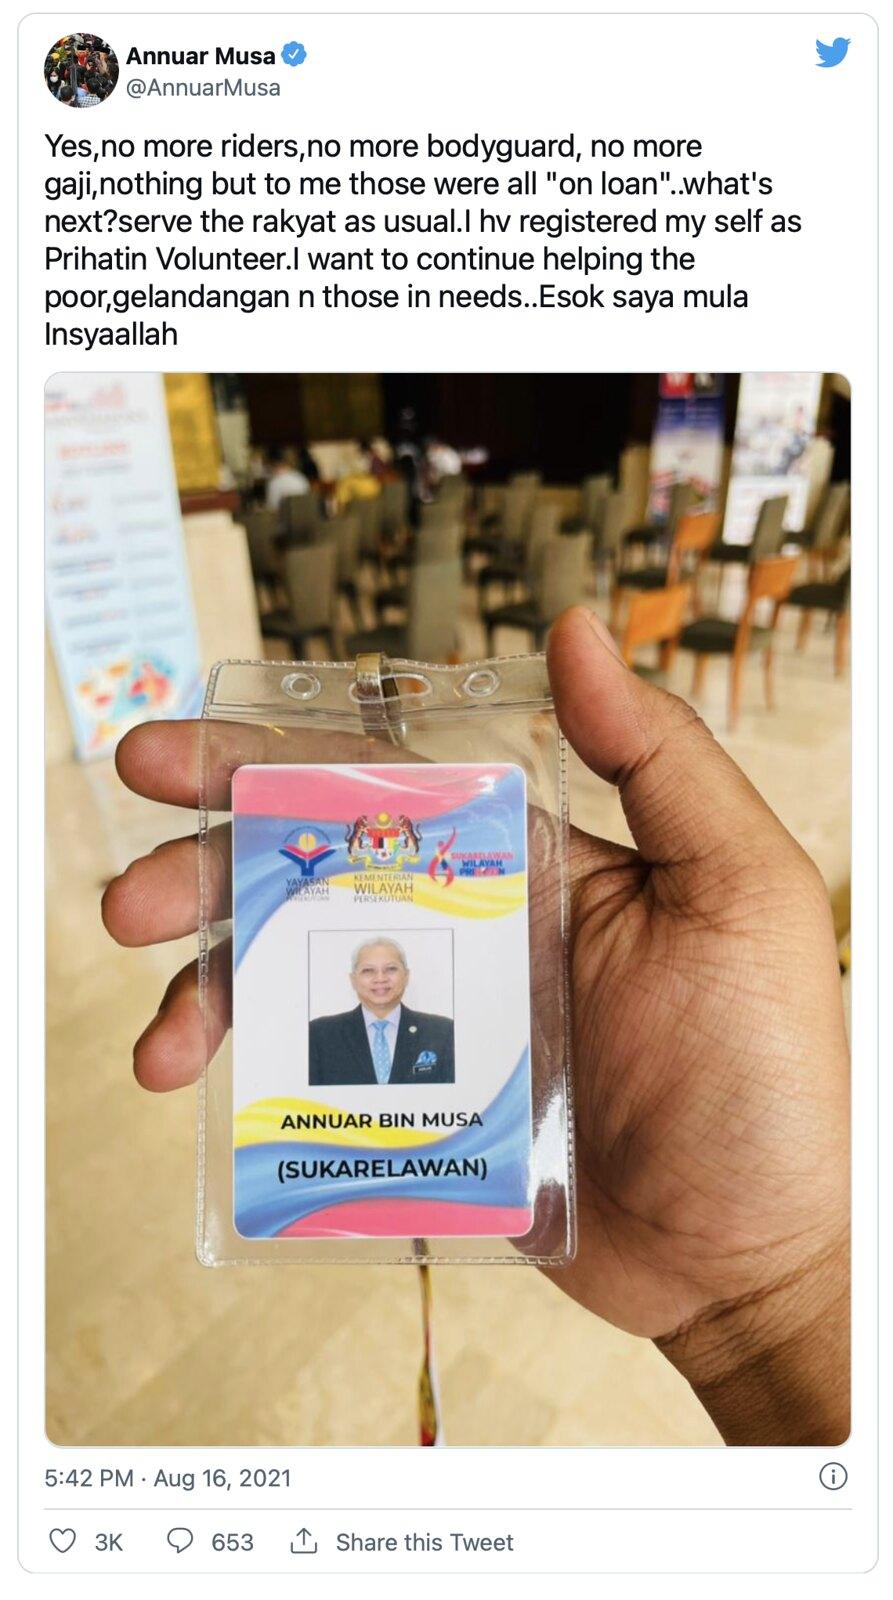 &Quot;Tiada Bodyguard, Tiada Gaji&Quot; Bekas Menteri Wilayah Kini Sukarelawan Prihatin